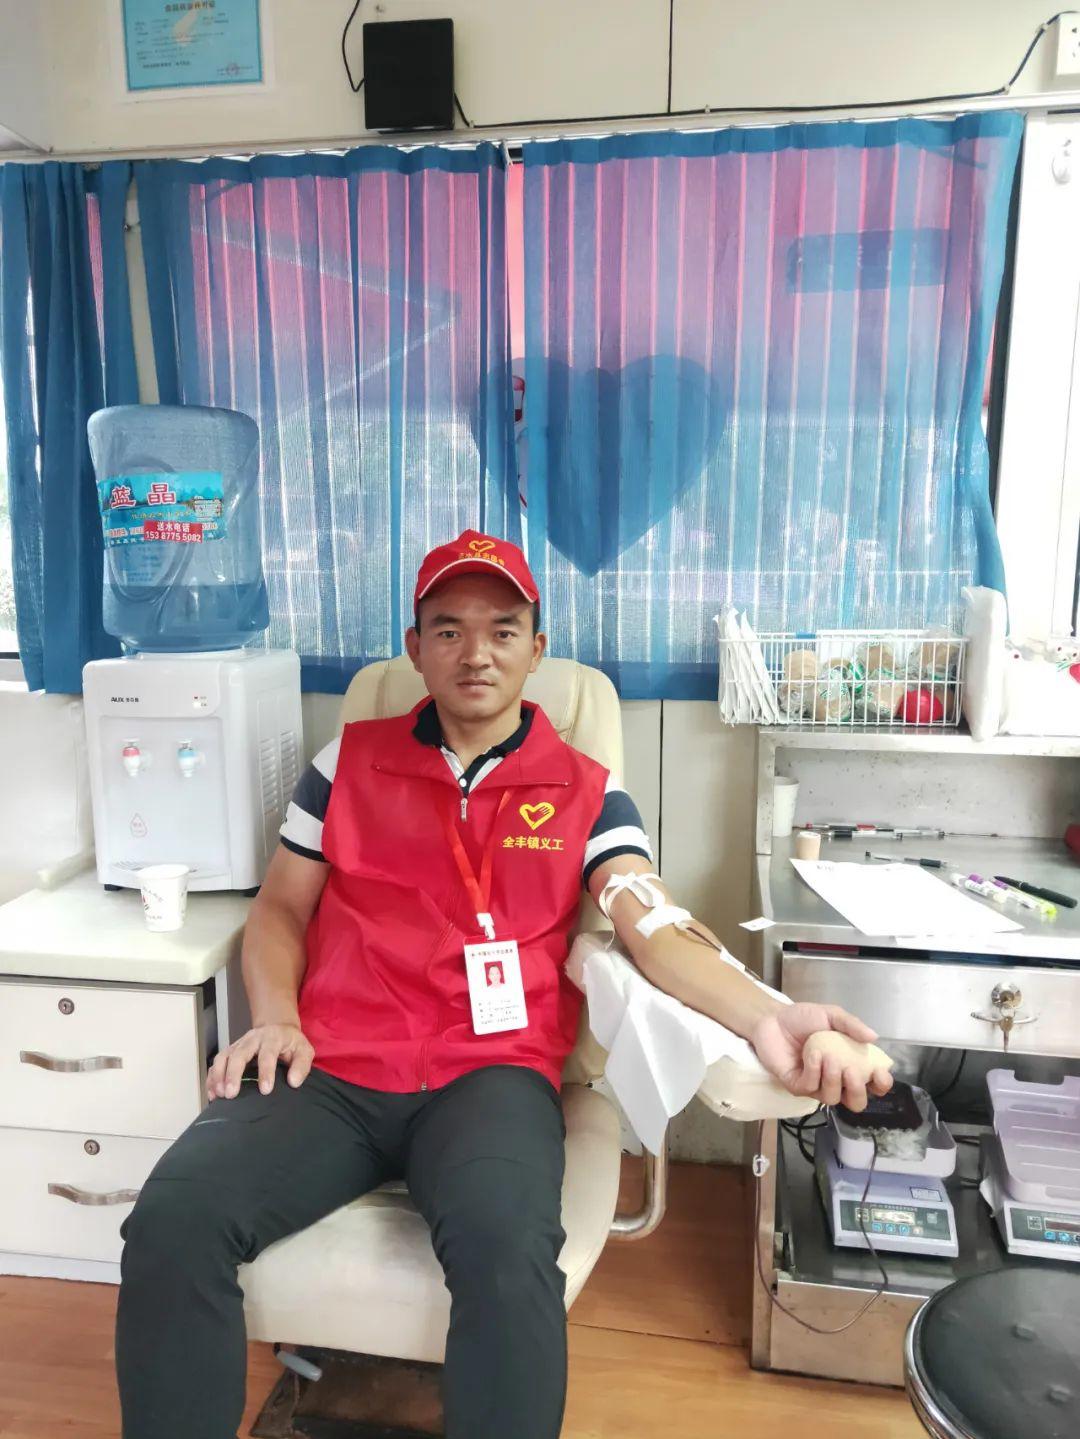 晒照第九波丨献血,让世界继续跳动……